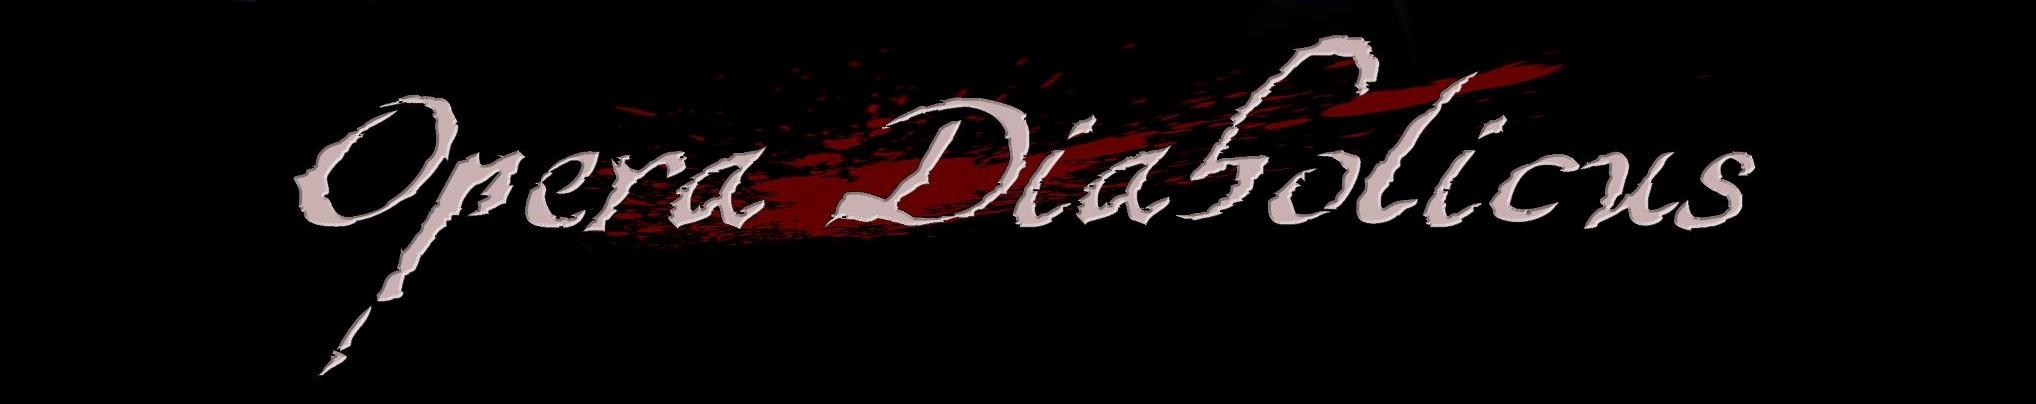 Opera Diabolicus - Logo